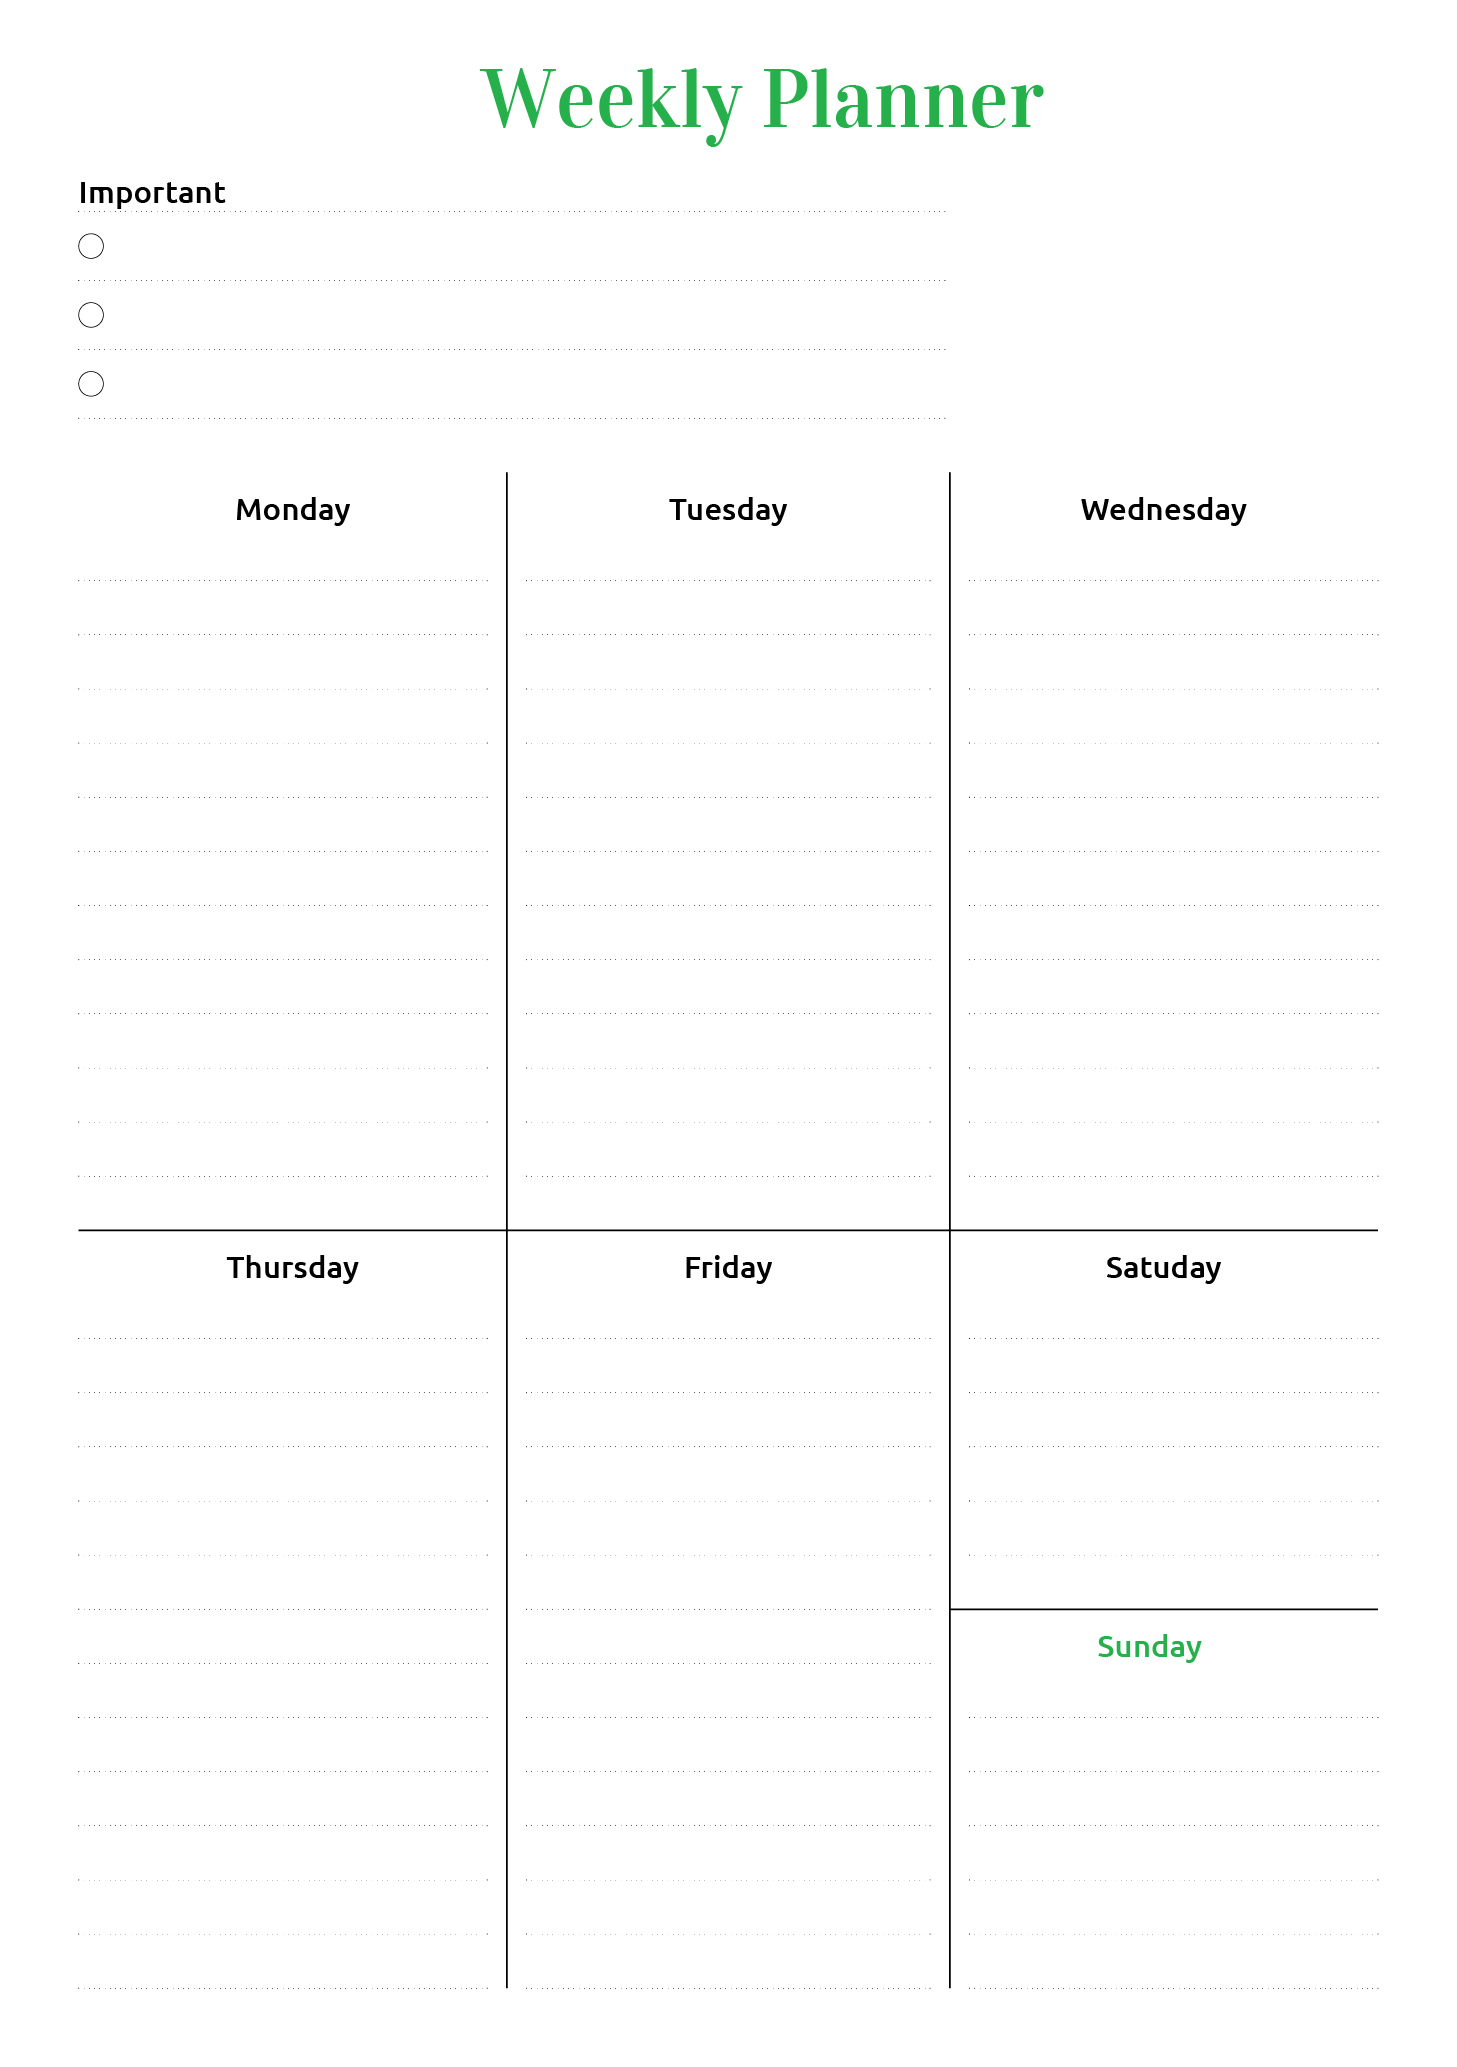 Free Printable Weekly Planner Sample Template In Pdf